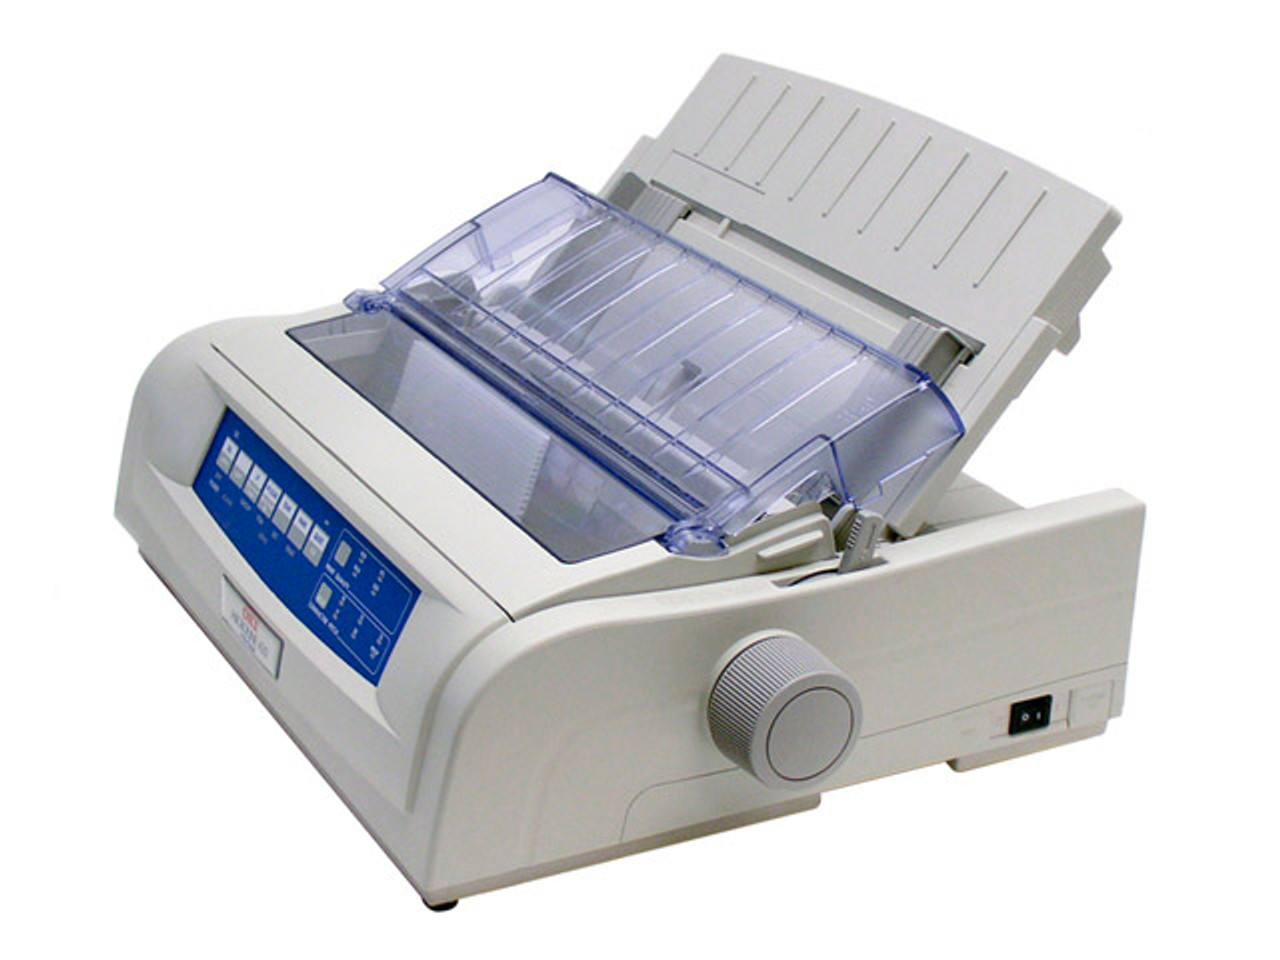 Okidata ML 420 - 62418703 - Oki Dot Matrix Printer for sale